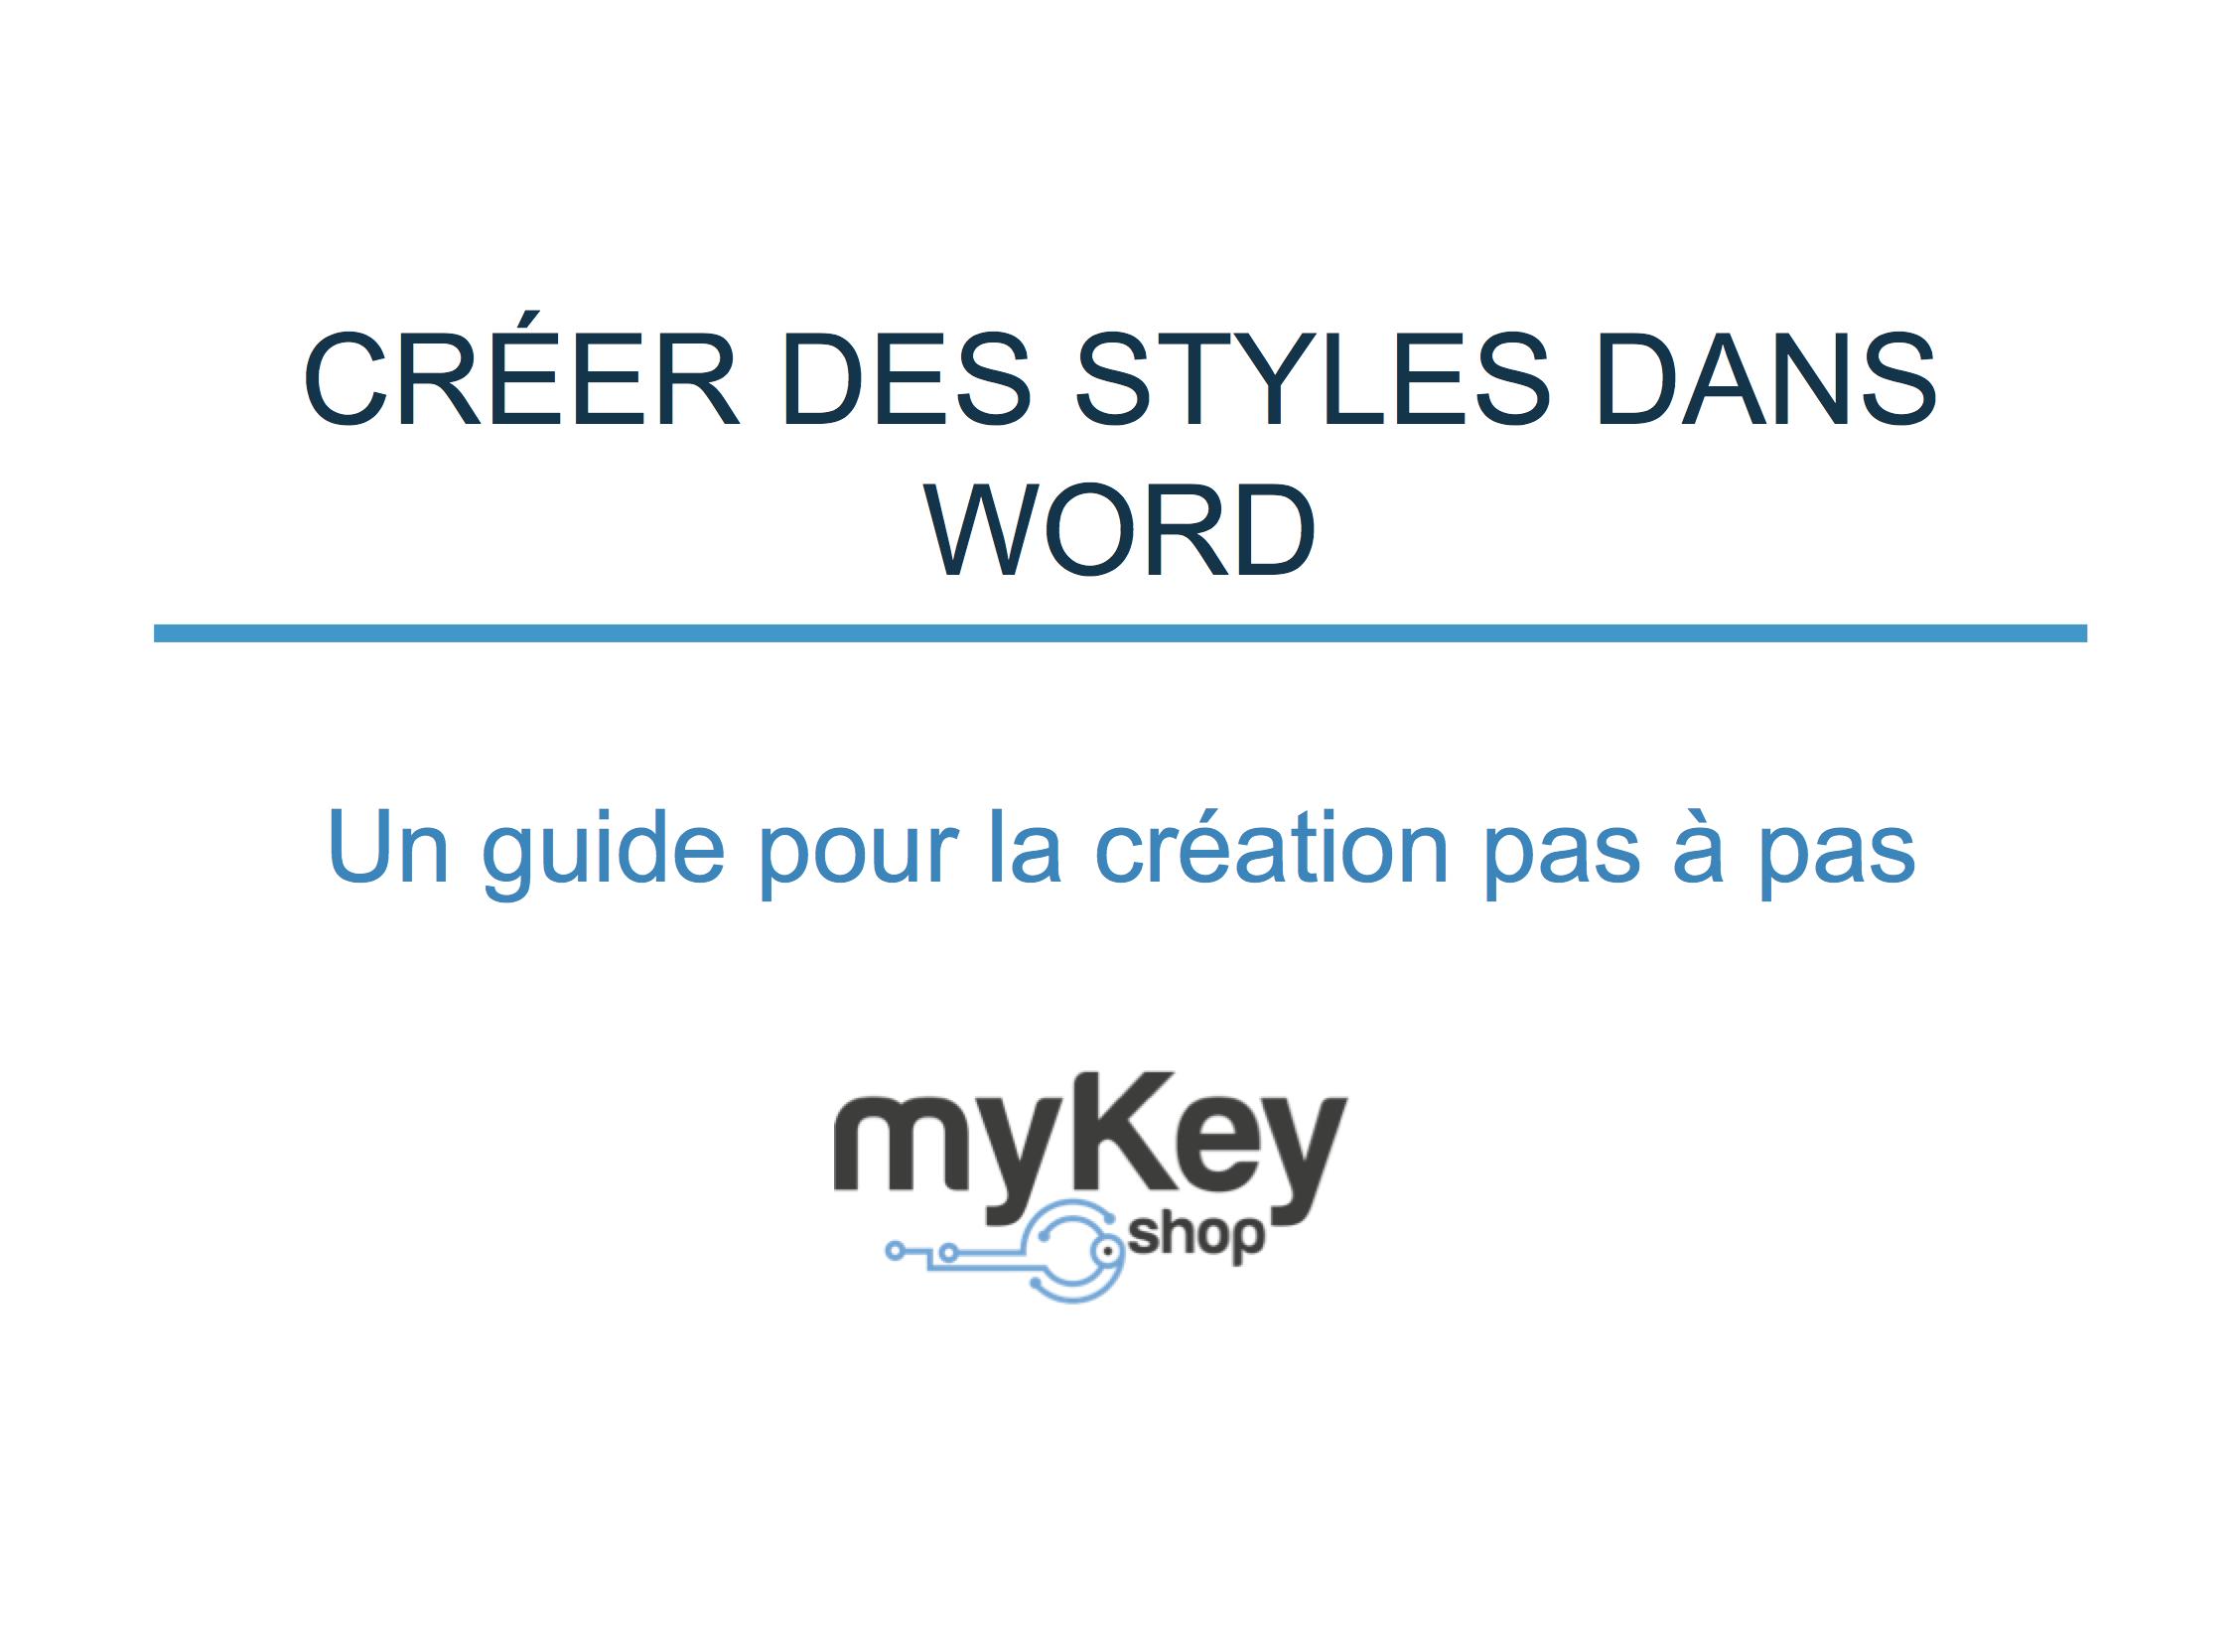 Créer des styles dans Word